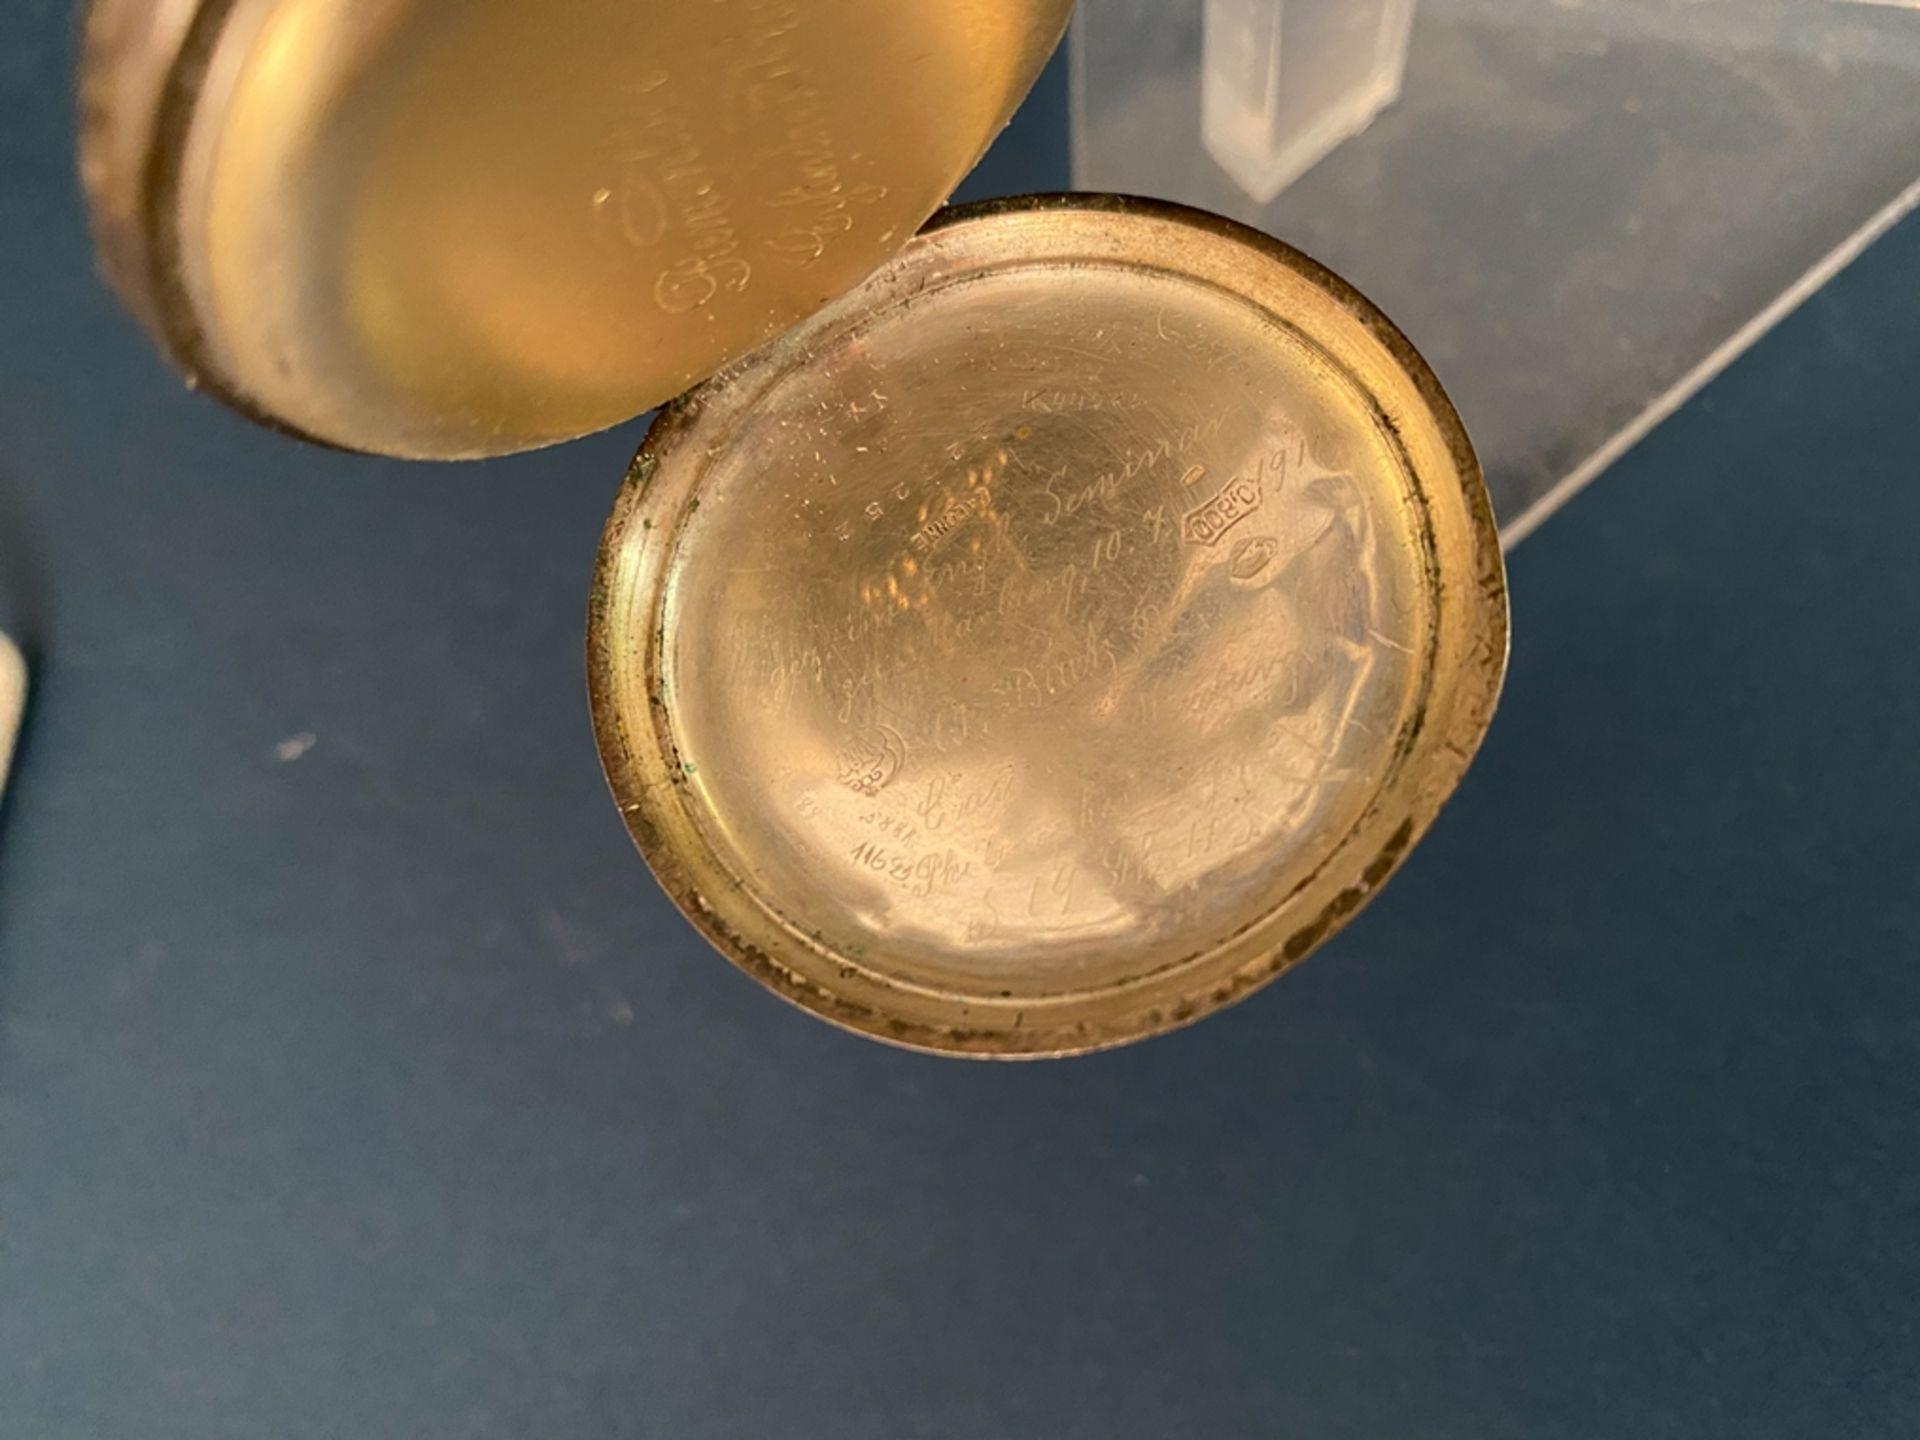 Silberne Taschenuhr an Uhrenkette (Länge ca. 27 cm), beides 800er Silber, ungeprüft (Durchmesser der - Bild 3 aus 7